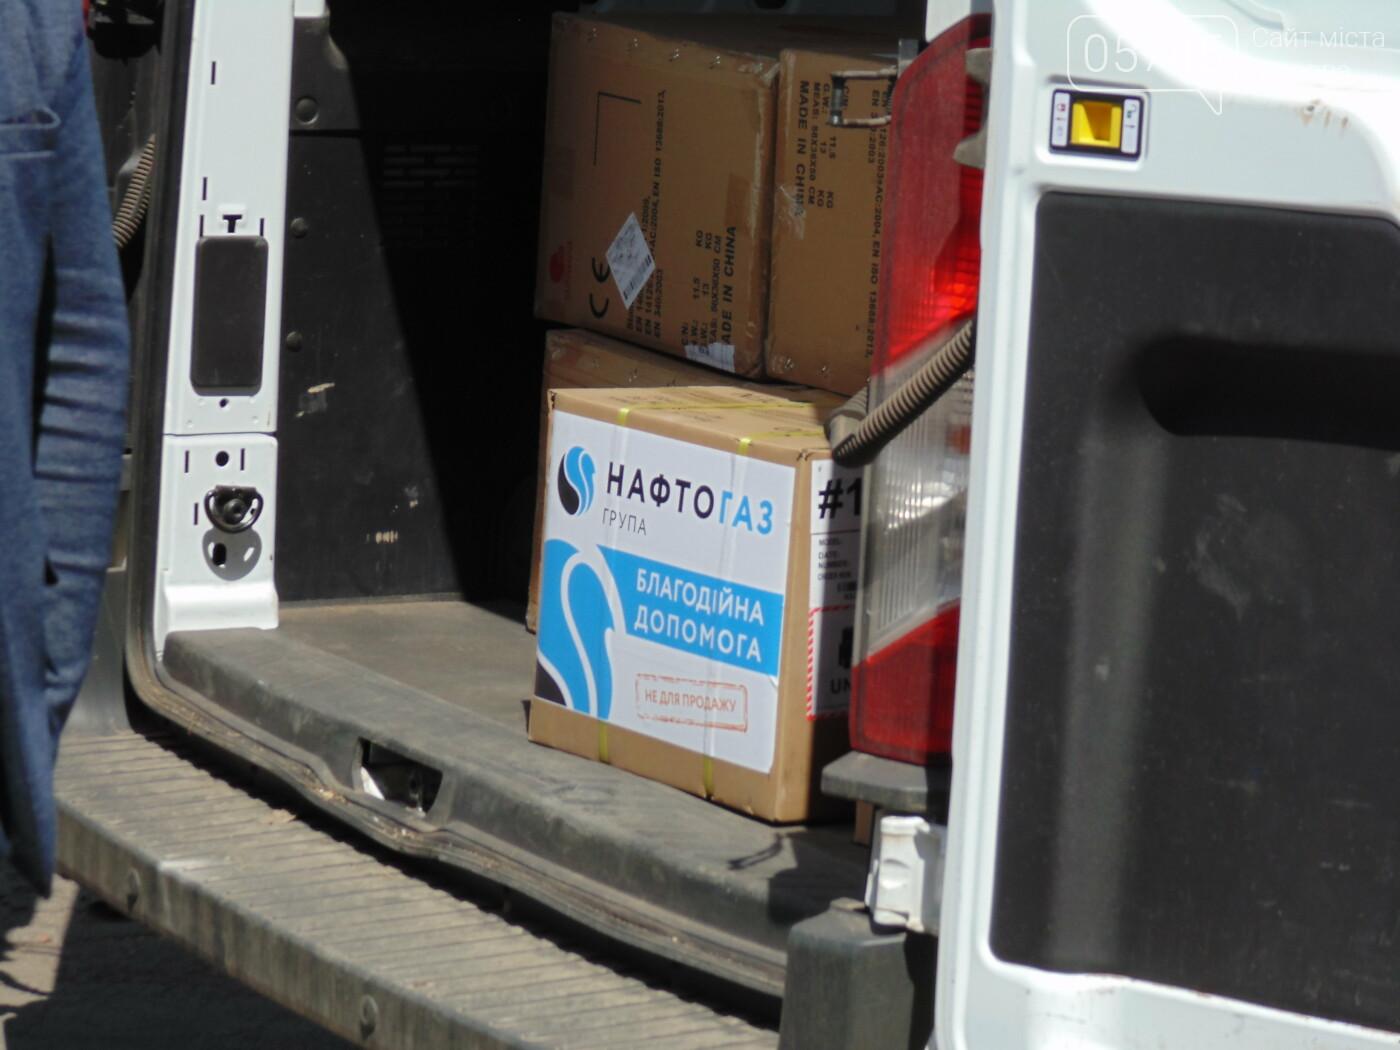 Костюмы и мониторы: лозовские медики получили гуманитарную помощь, фото-3